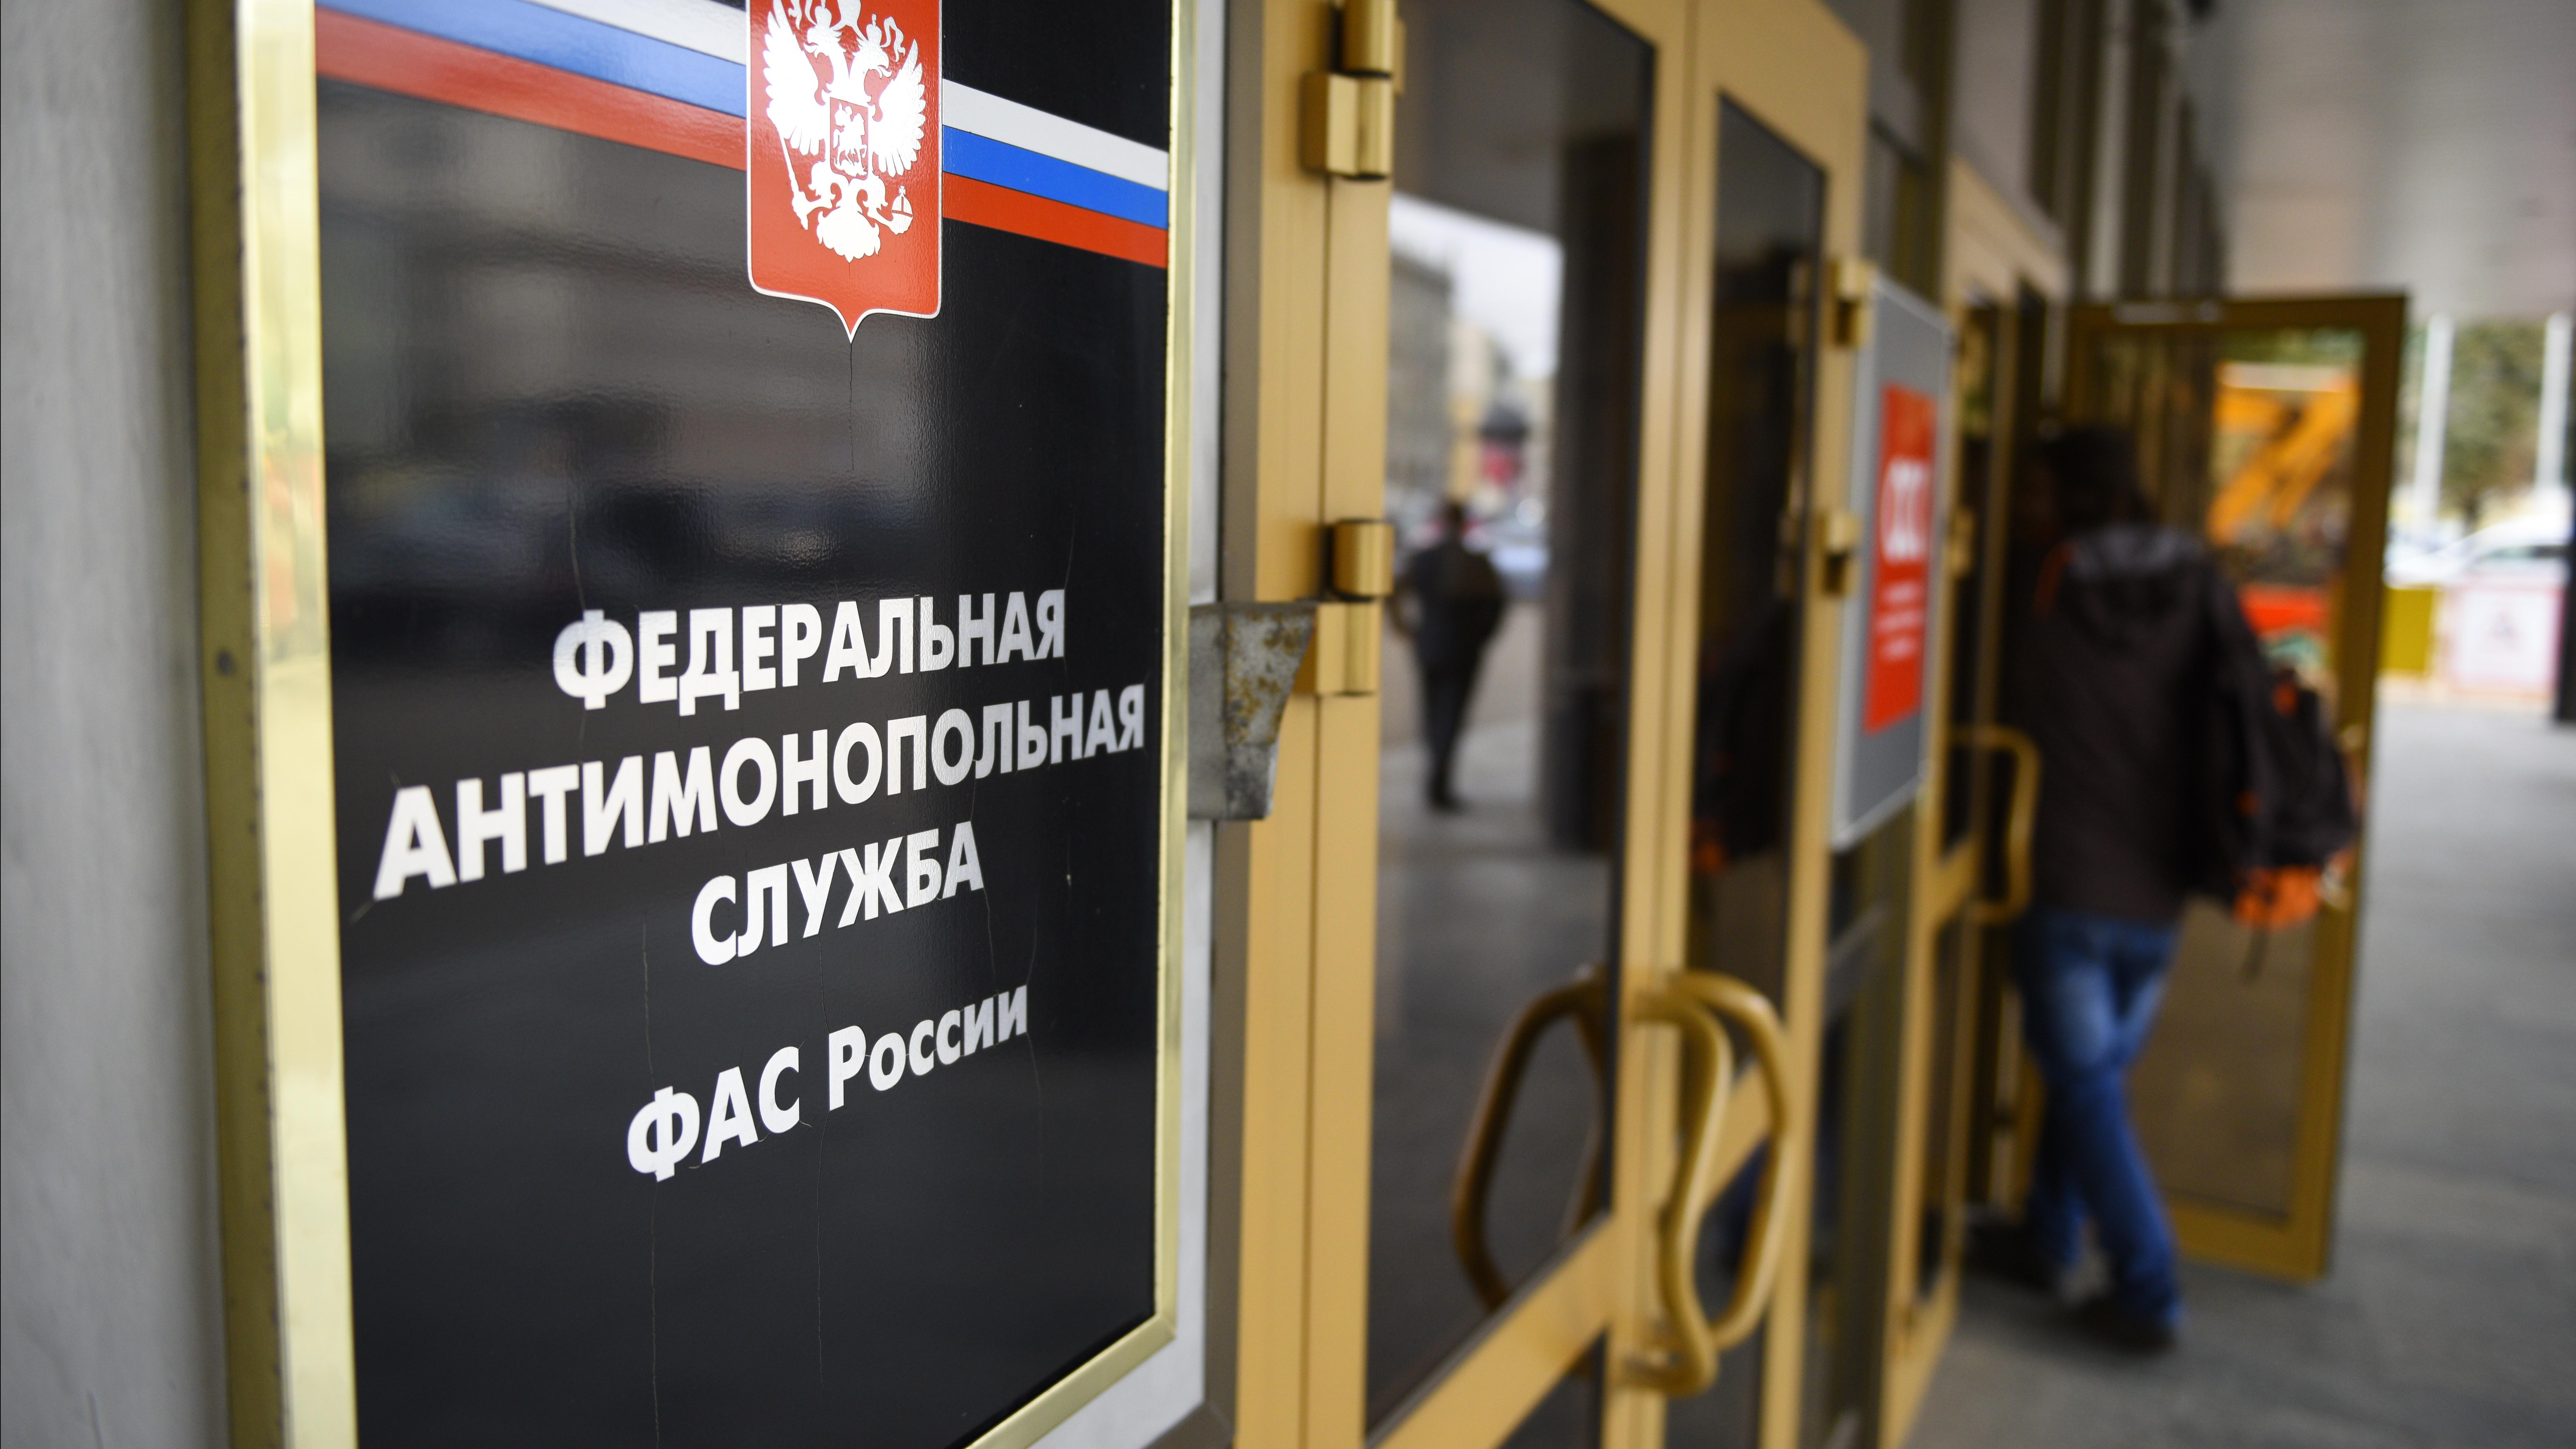 Нарушения при организации конкурса по отбору УК допустили в Лосино-Петровском